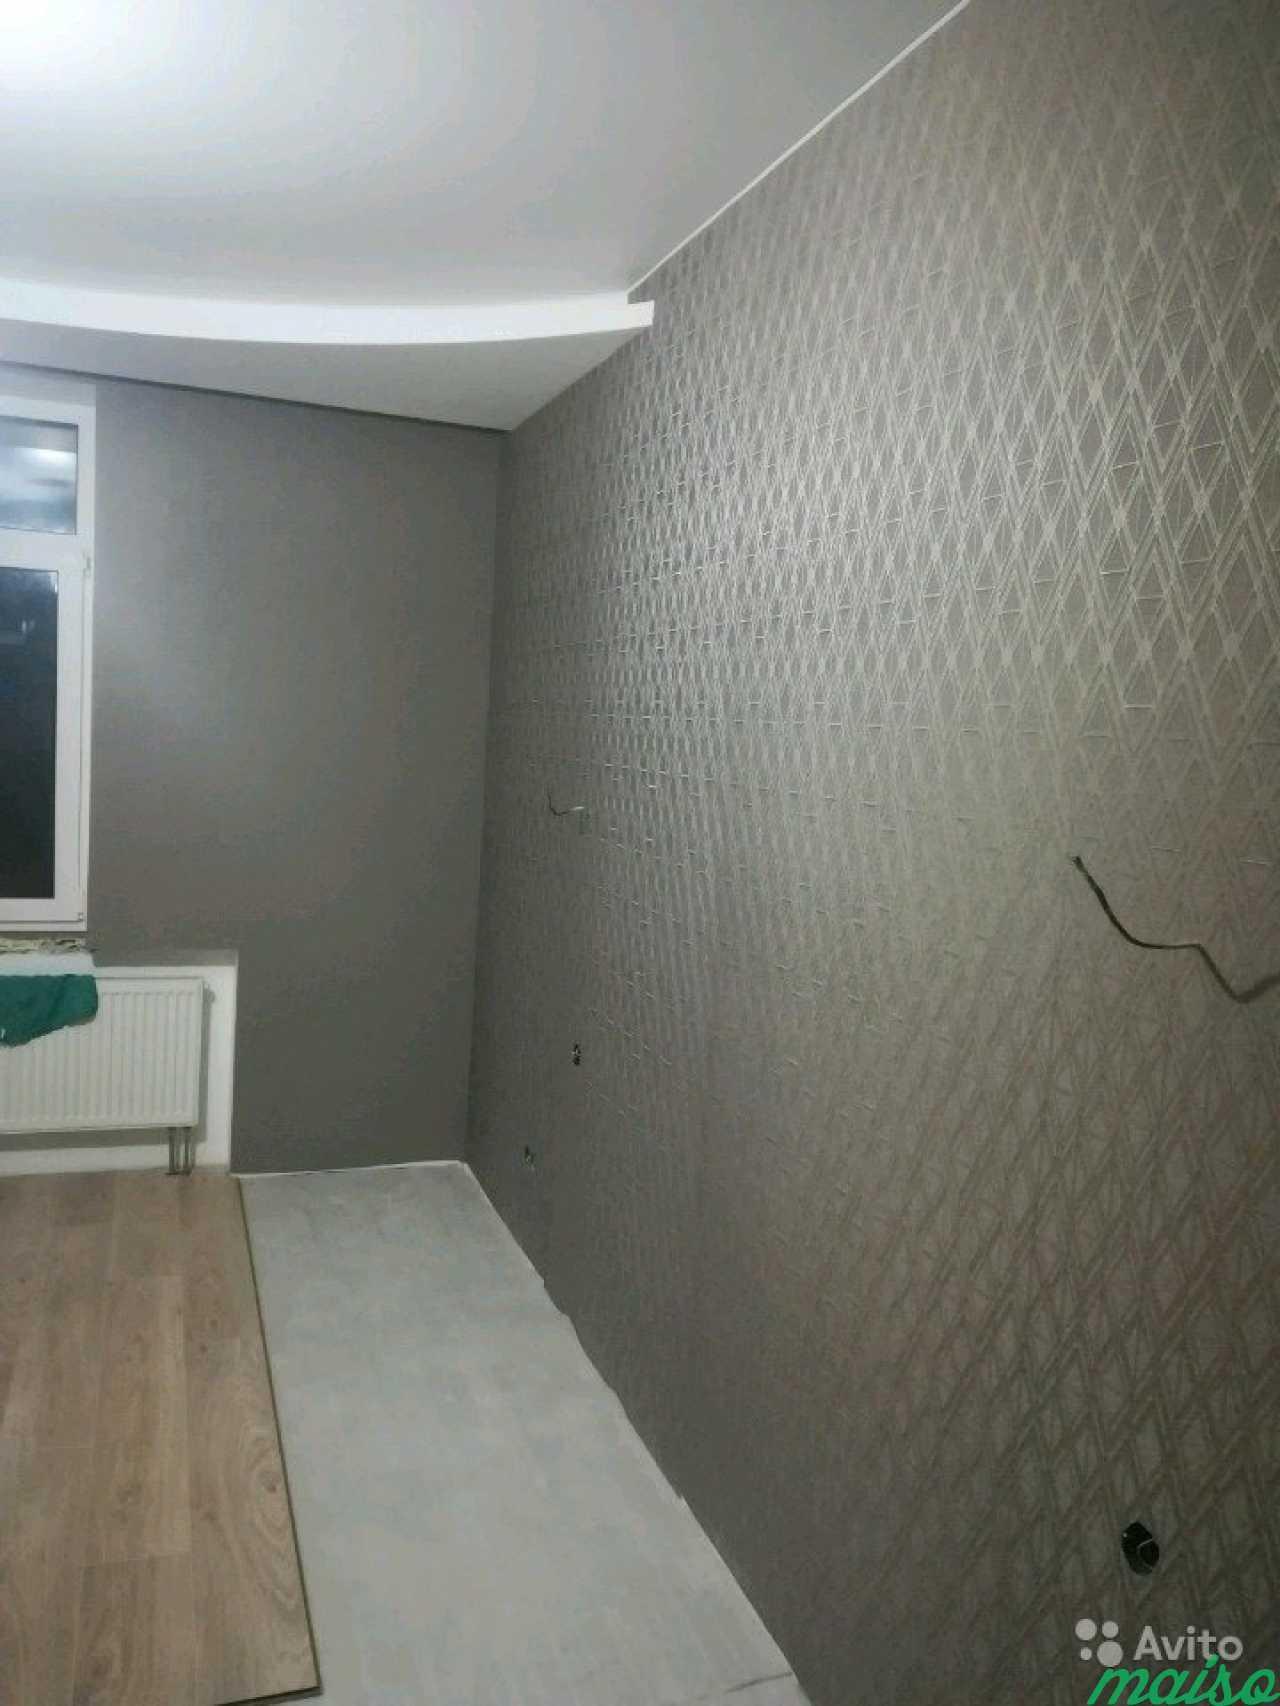 Ремонт квартир как для себя в Санкт-Петербурге. Фото 7